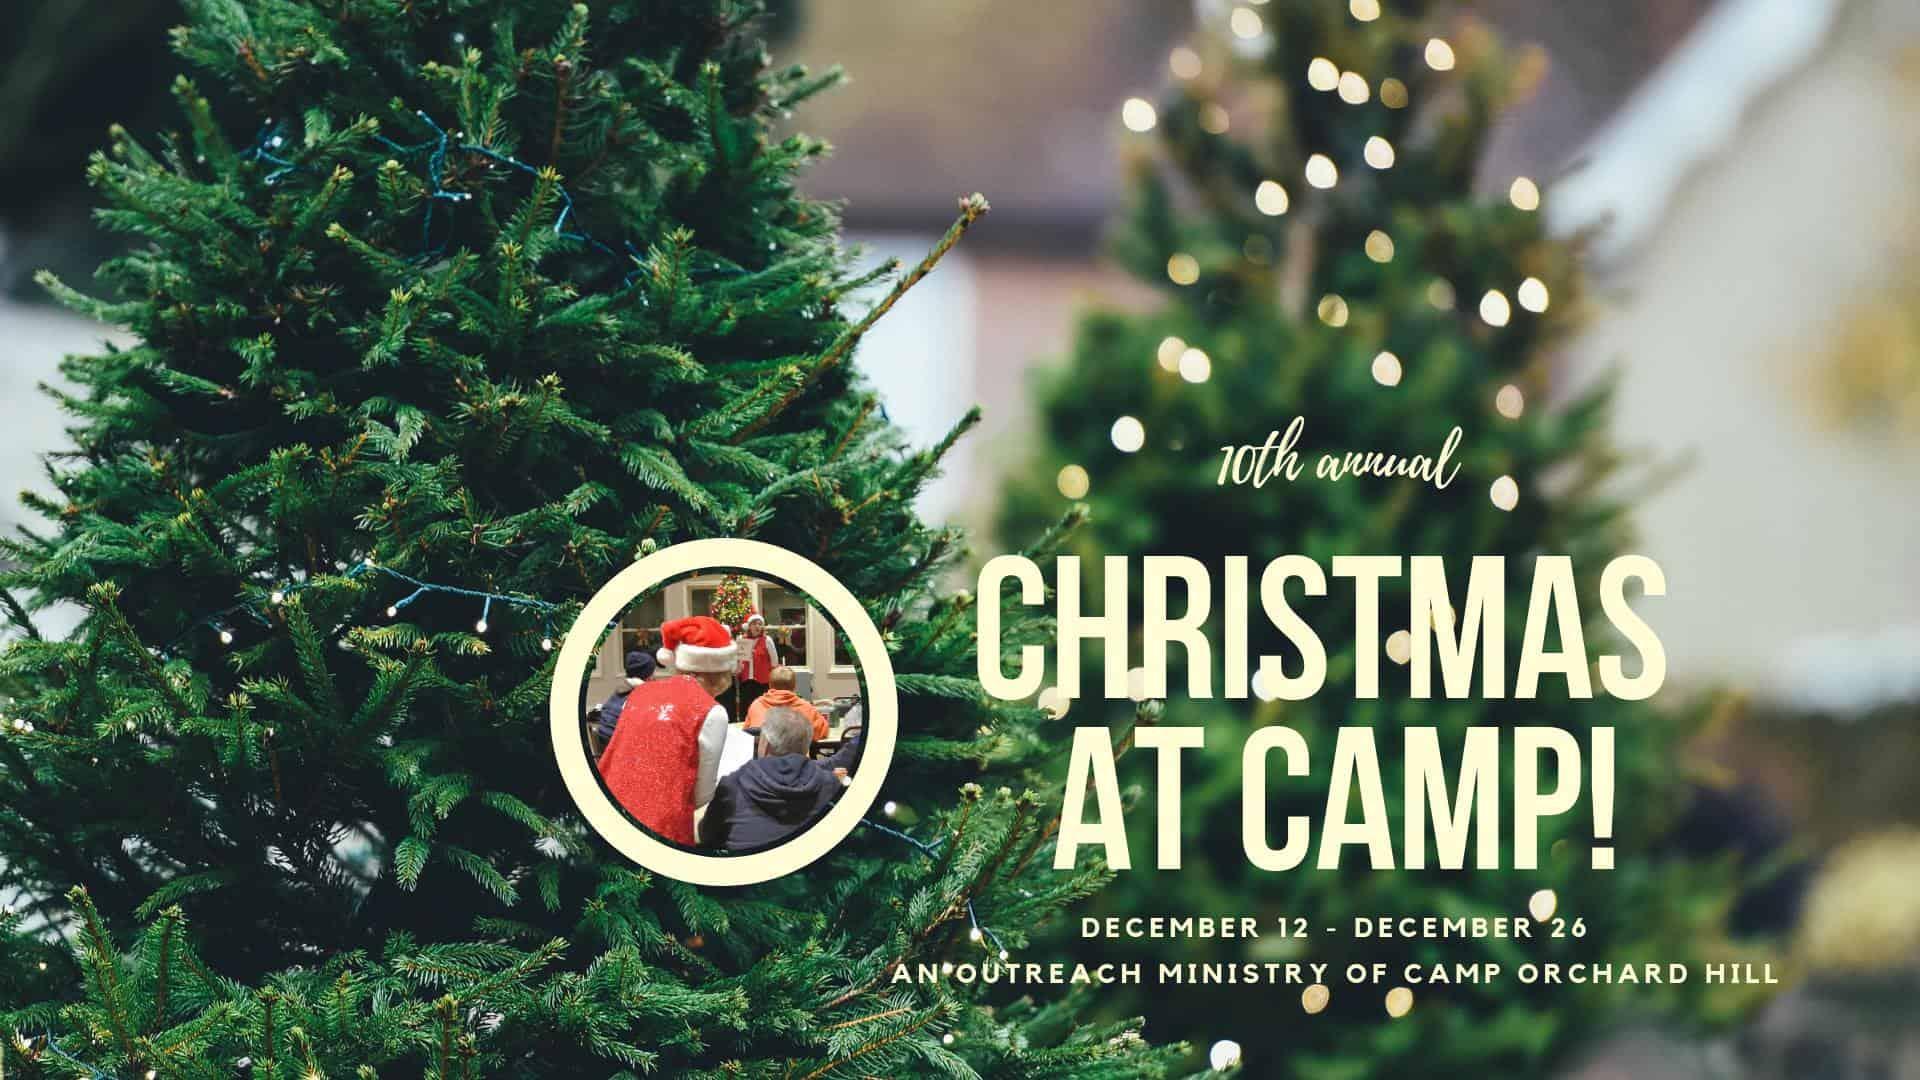 Christmas at Camp